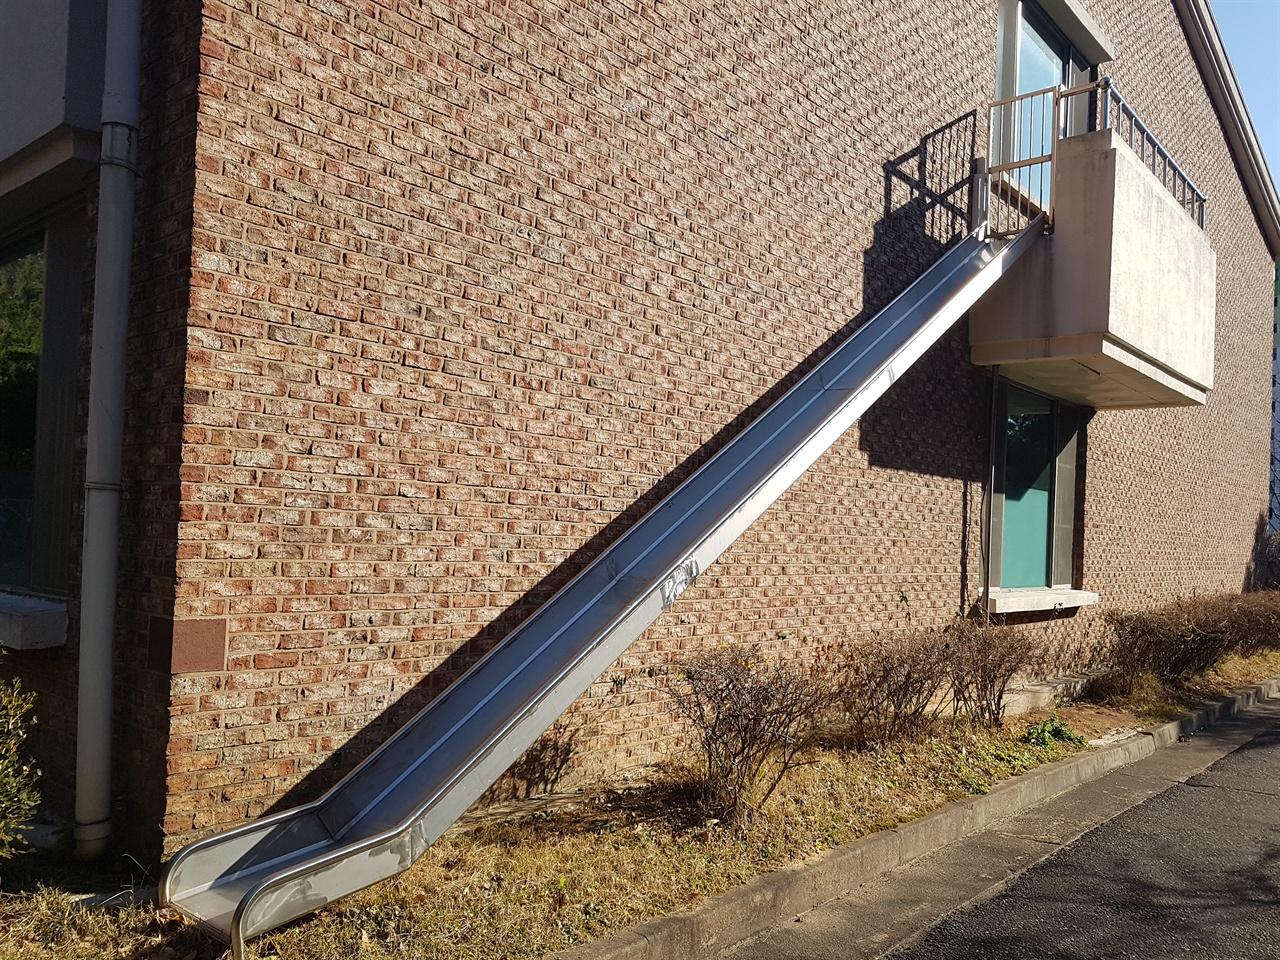 인천사할린동포복지회관 긴급상황 시 회관 2층에 기거하는 동포 어르신을 탈출시키기 위한 구조용 미끄럼틀